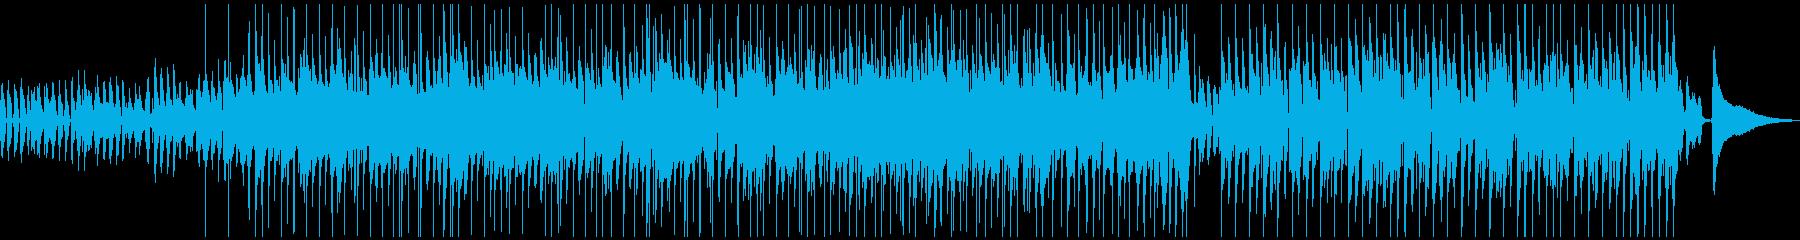 ディキシーランド ラグタイム ティ...の再生済みの波形